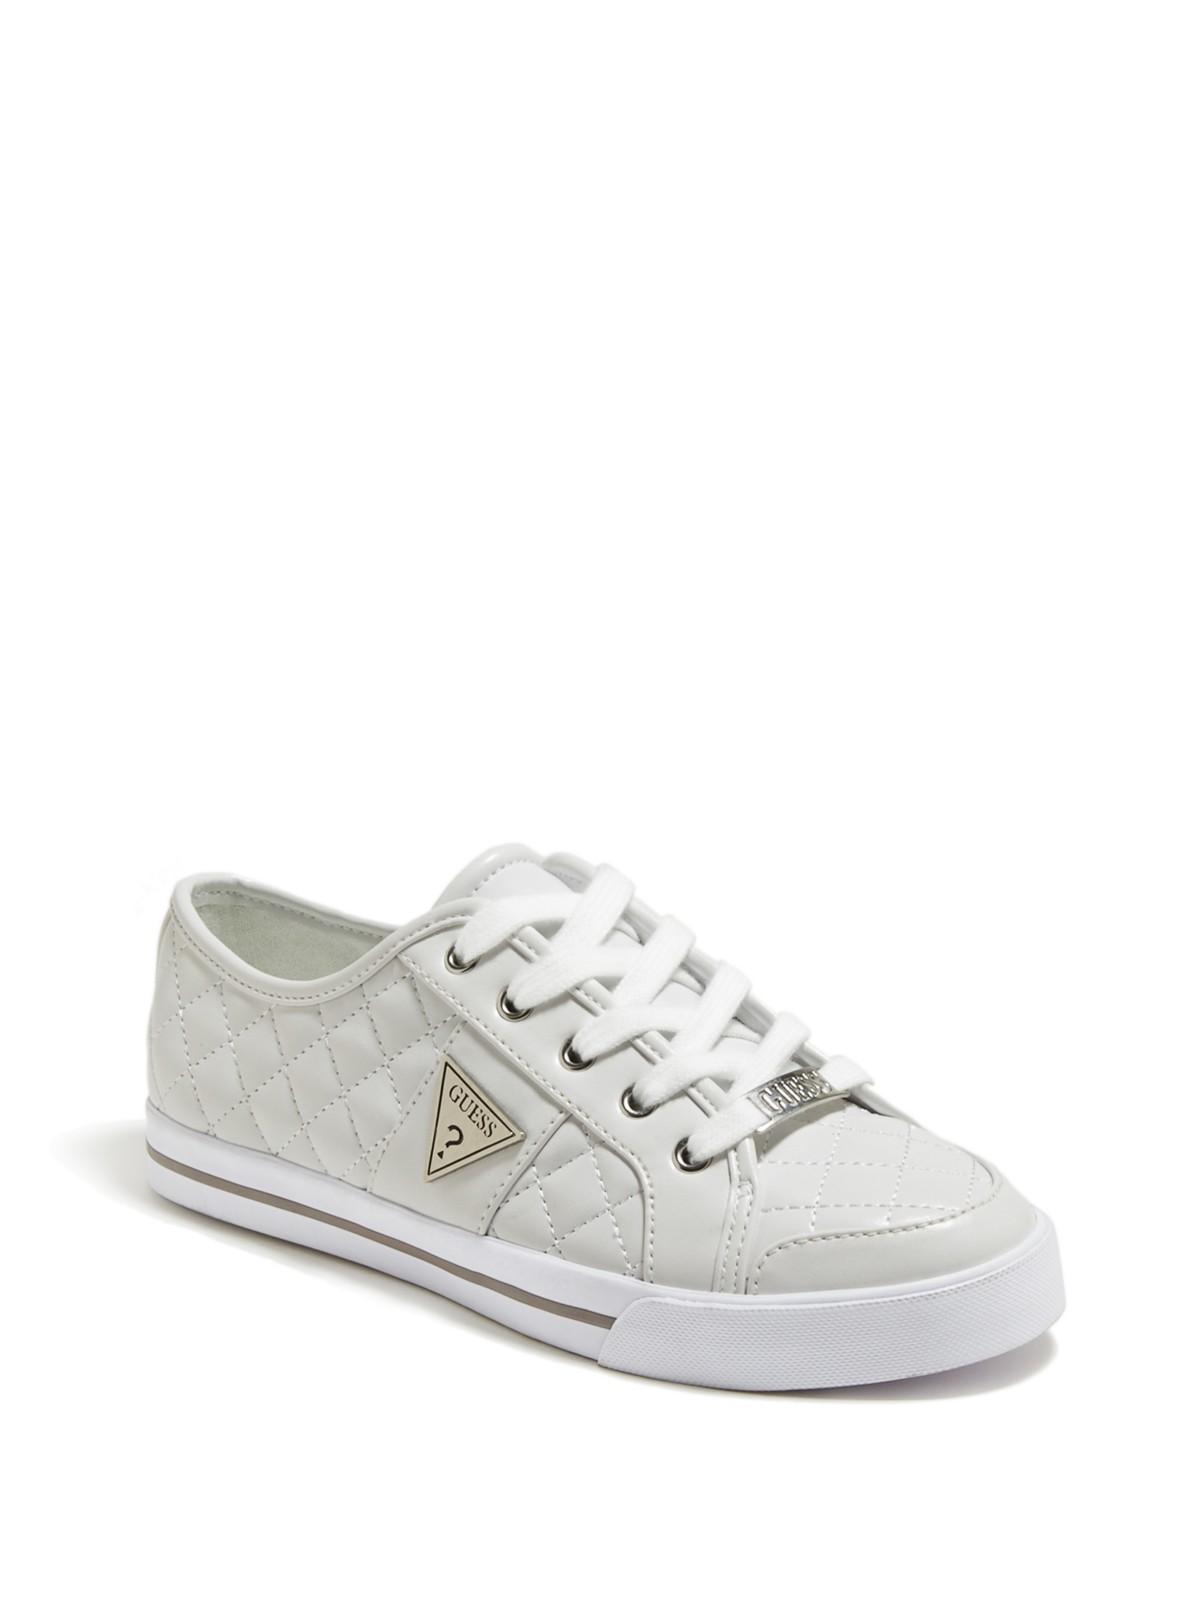 Guess Tennis Shoes Sale